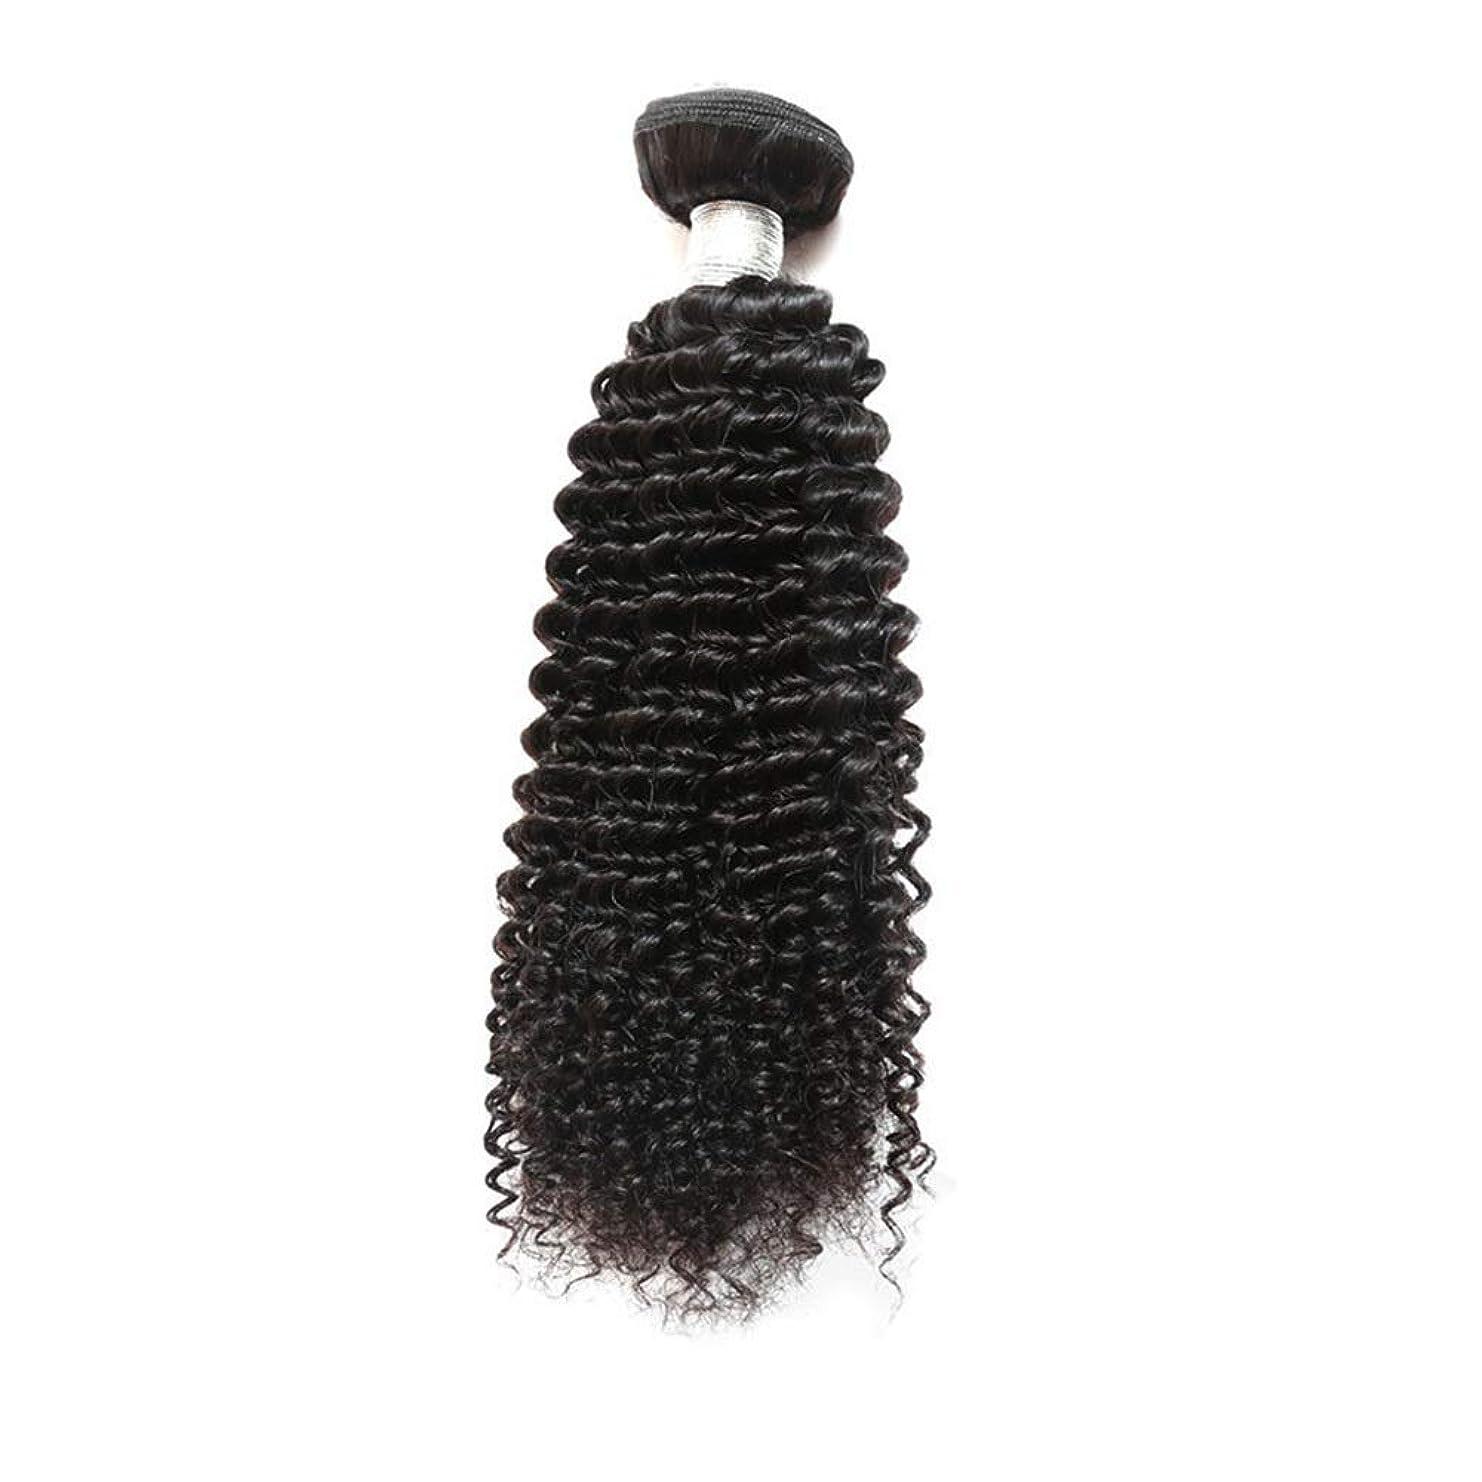 耐えられる英語の授業がありますもっともらしいBOBIDYEE ブラジルの巻き毛10Aグレードバージンヘアバンドル100%未処理のRemy人間の毛髪のエクステンションロールプレイングかつら女性の自然なかつら (色 : 黒, サイズ : 24 inch)